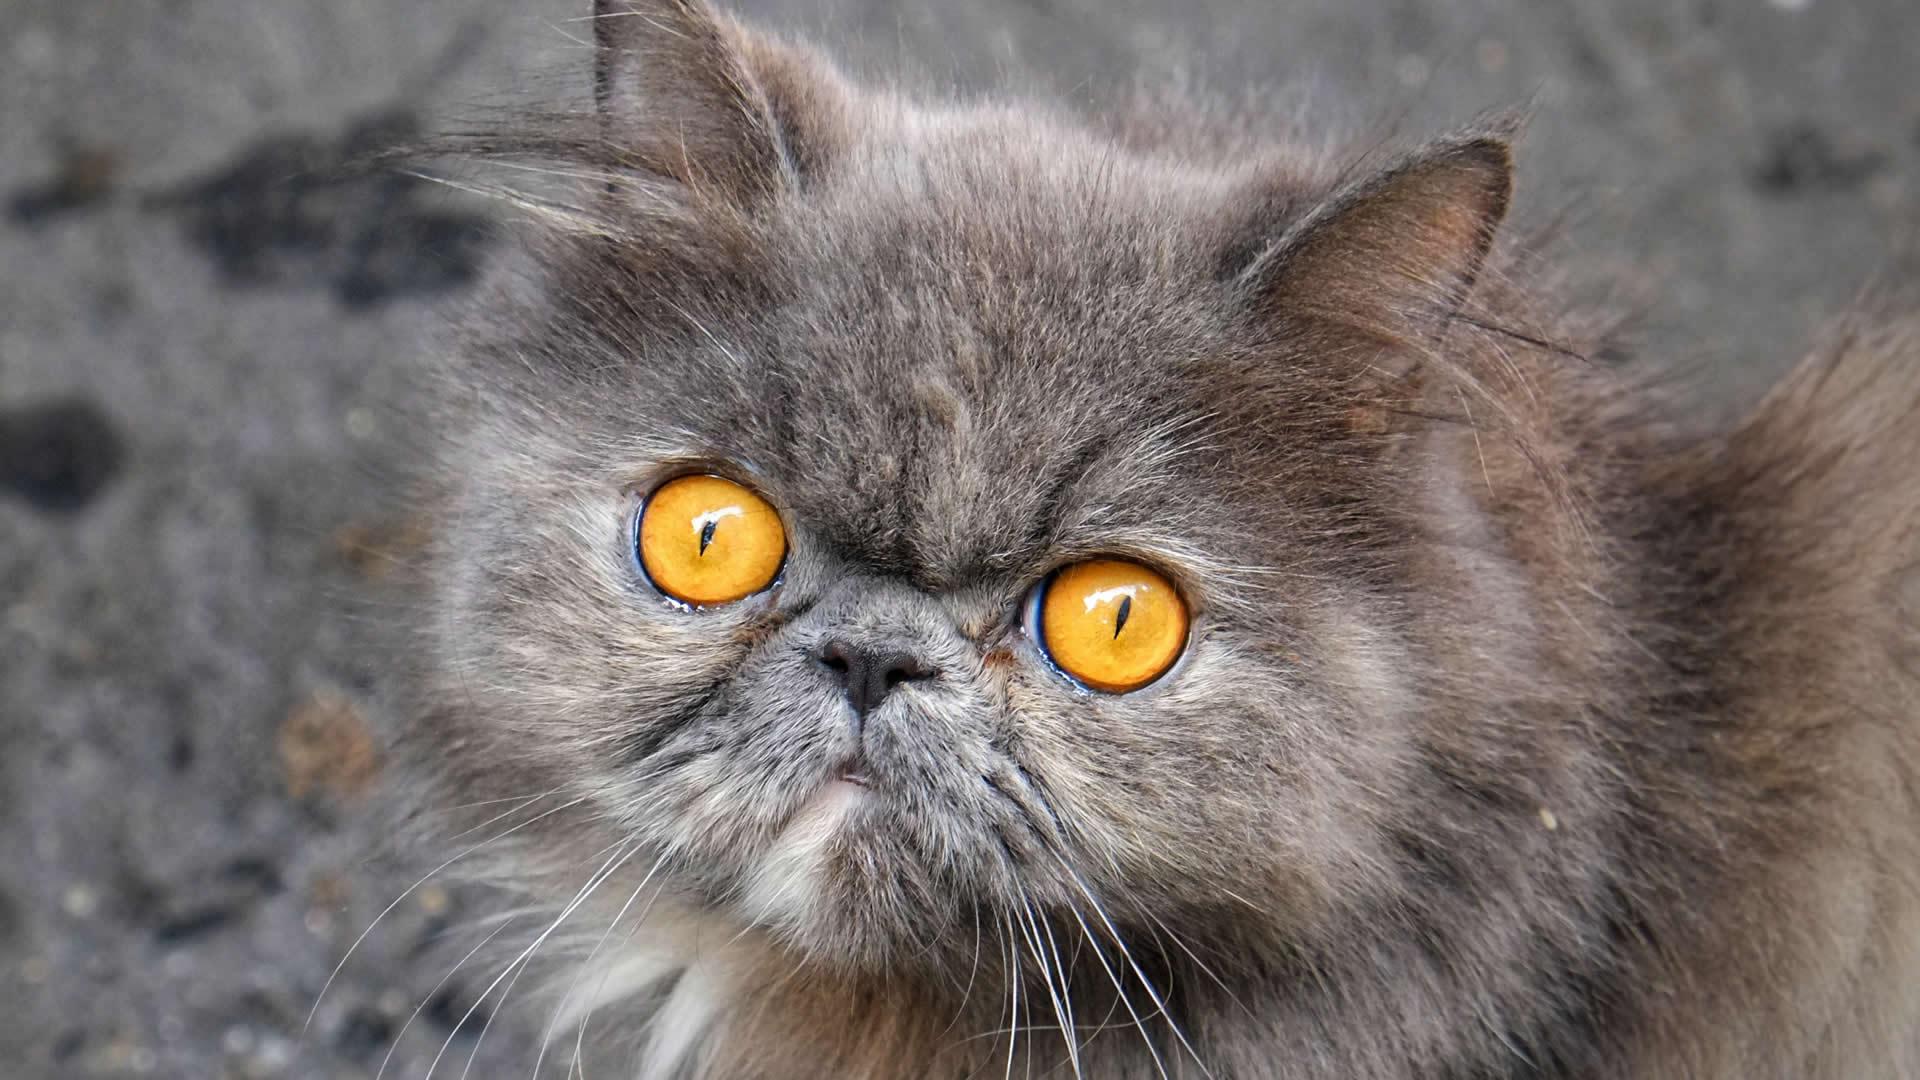 Peke face Persian cat